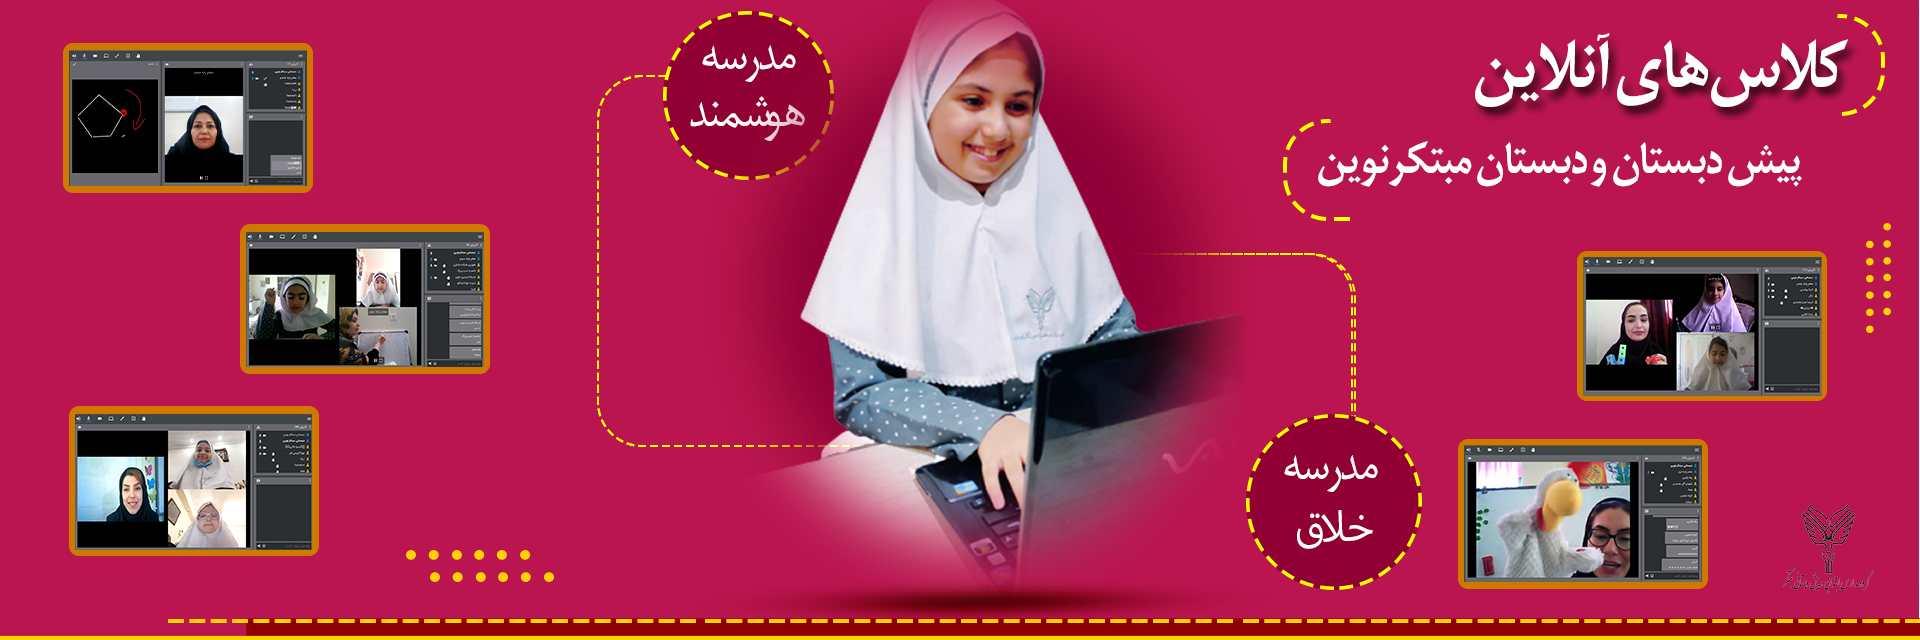 کلاسهای آنلاین